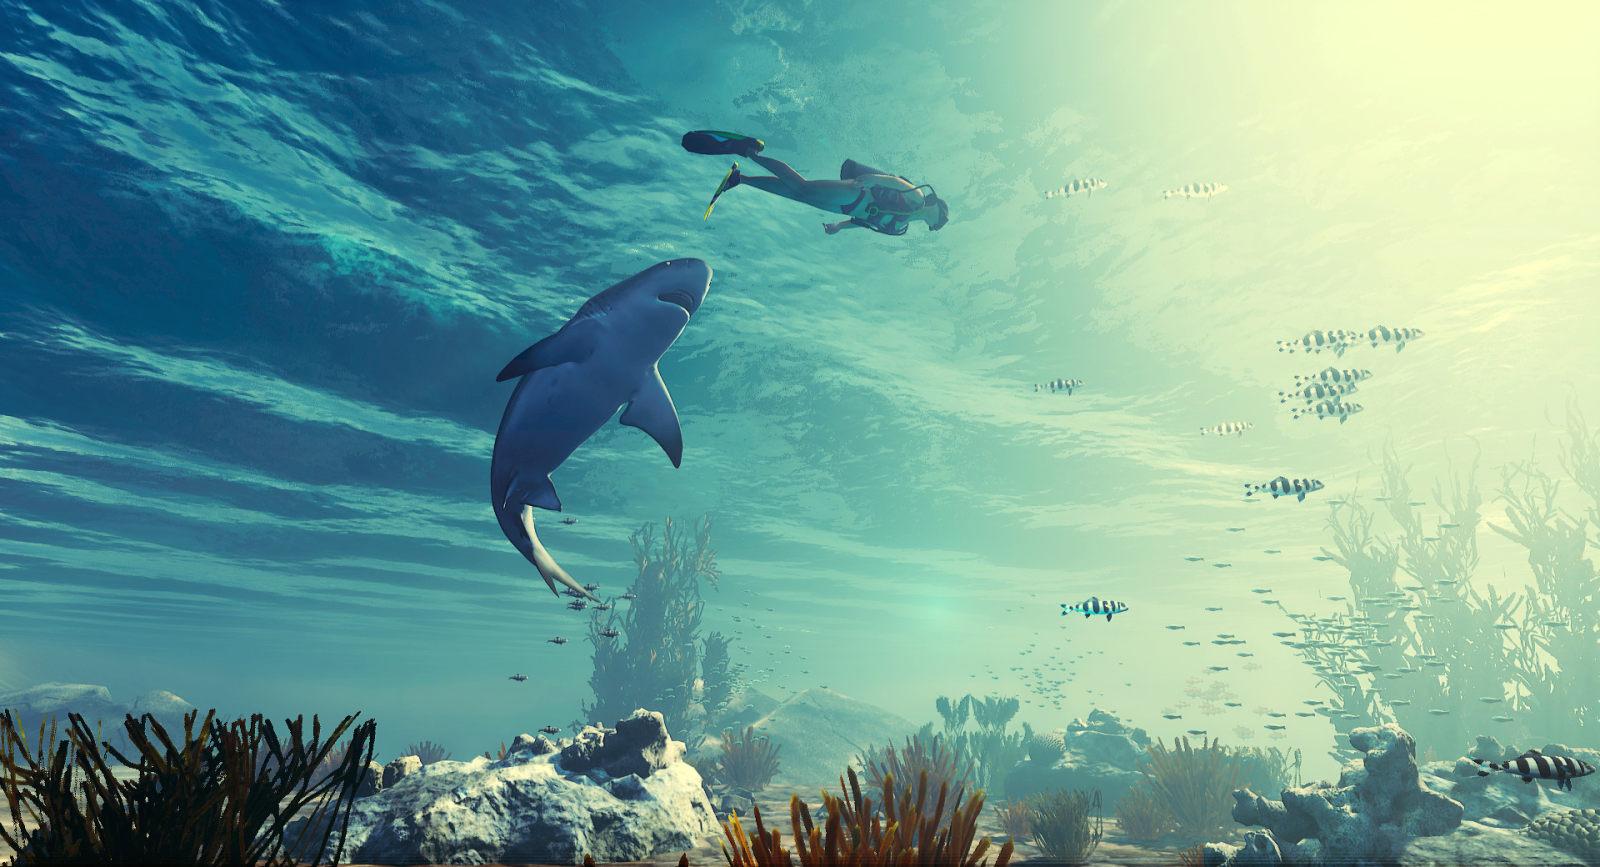 鲨鱼版的《GTA》!《Maneater》E3前方采访